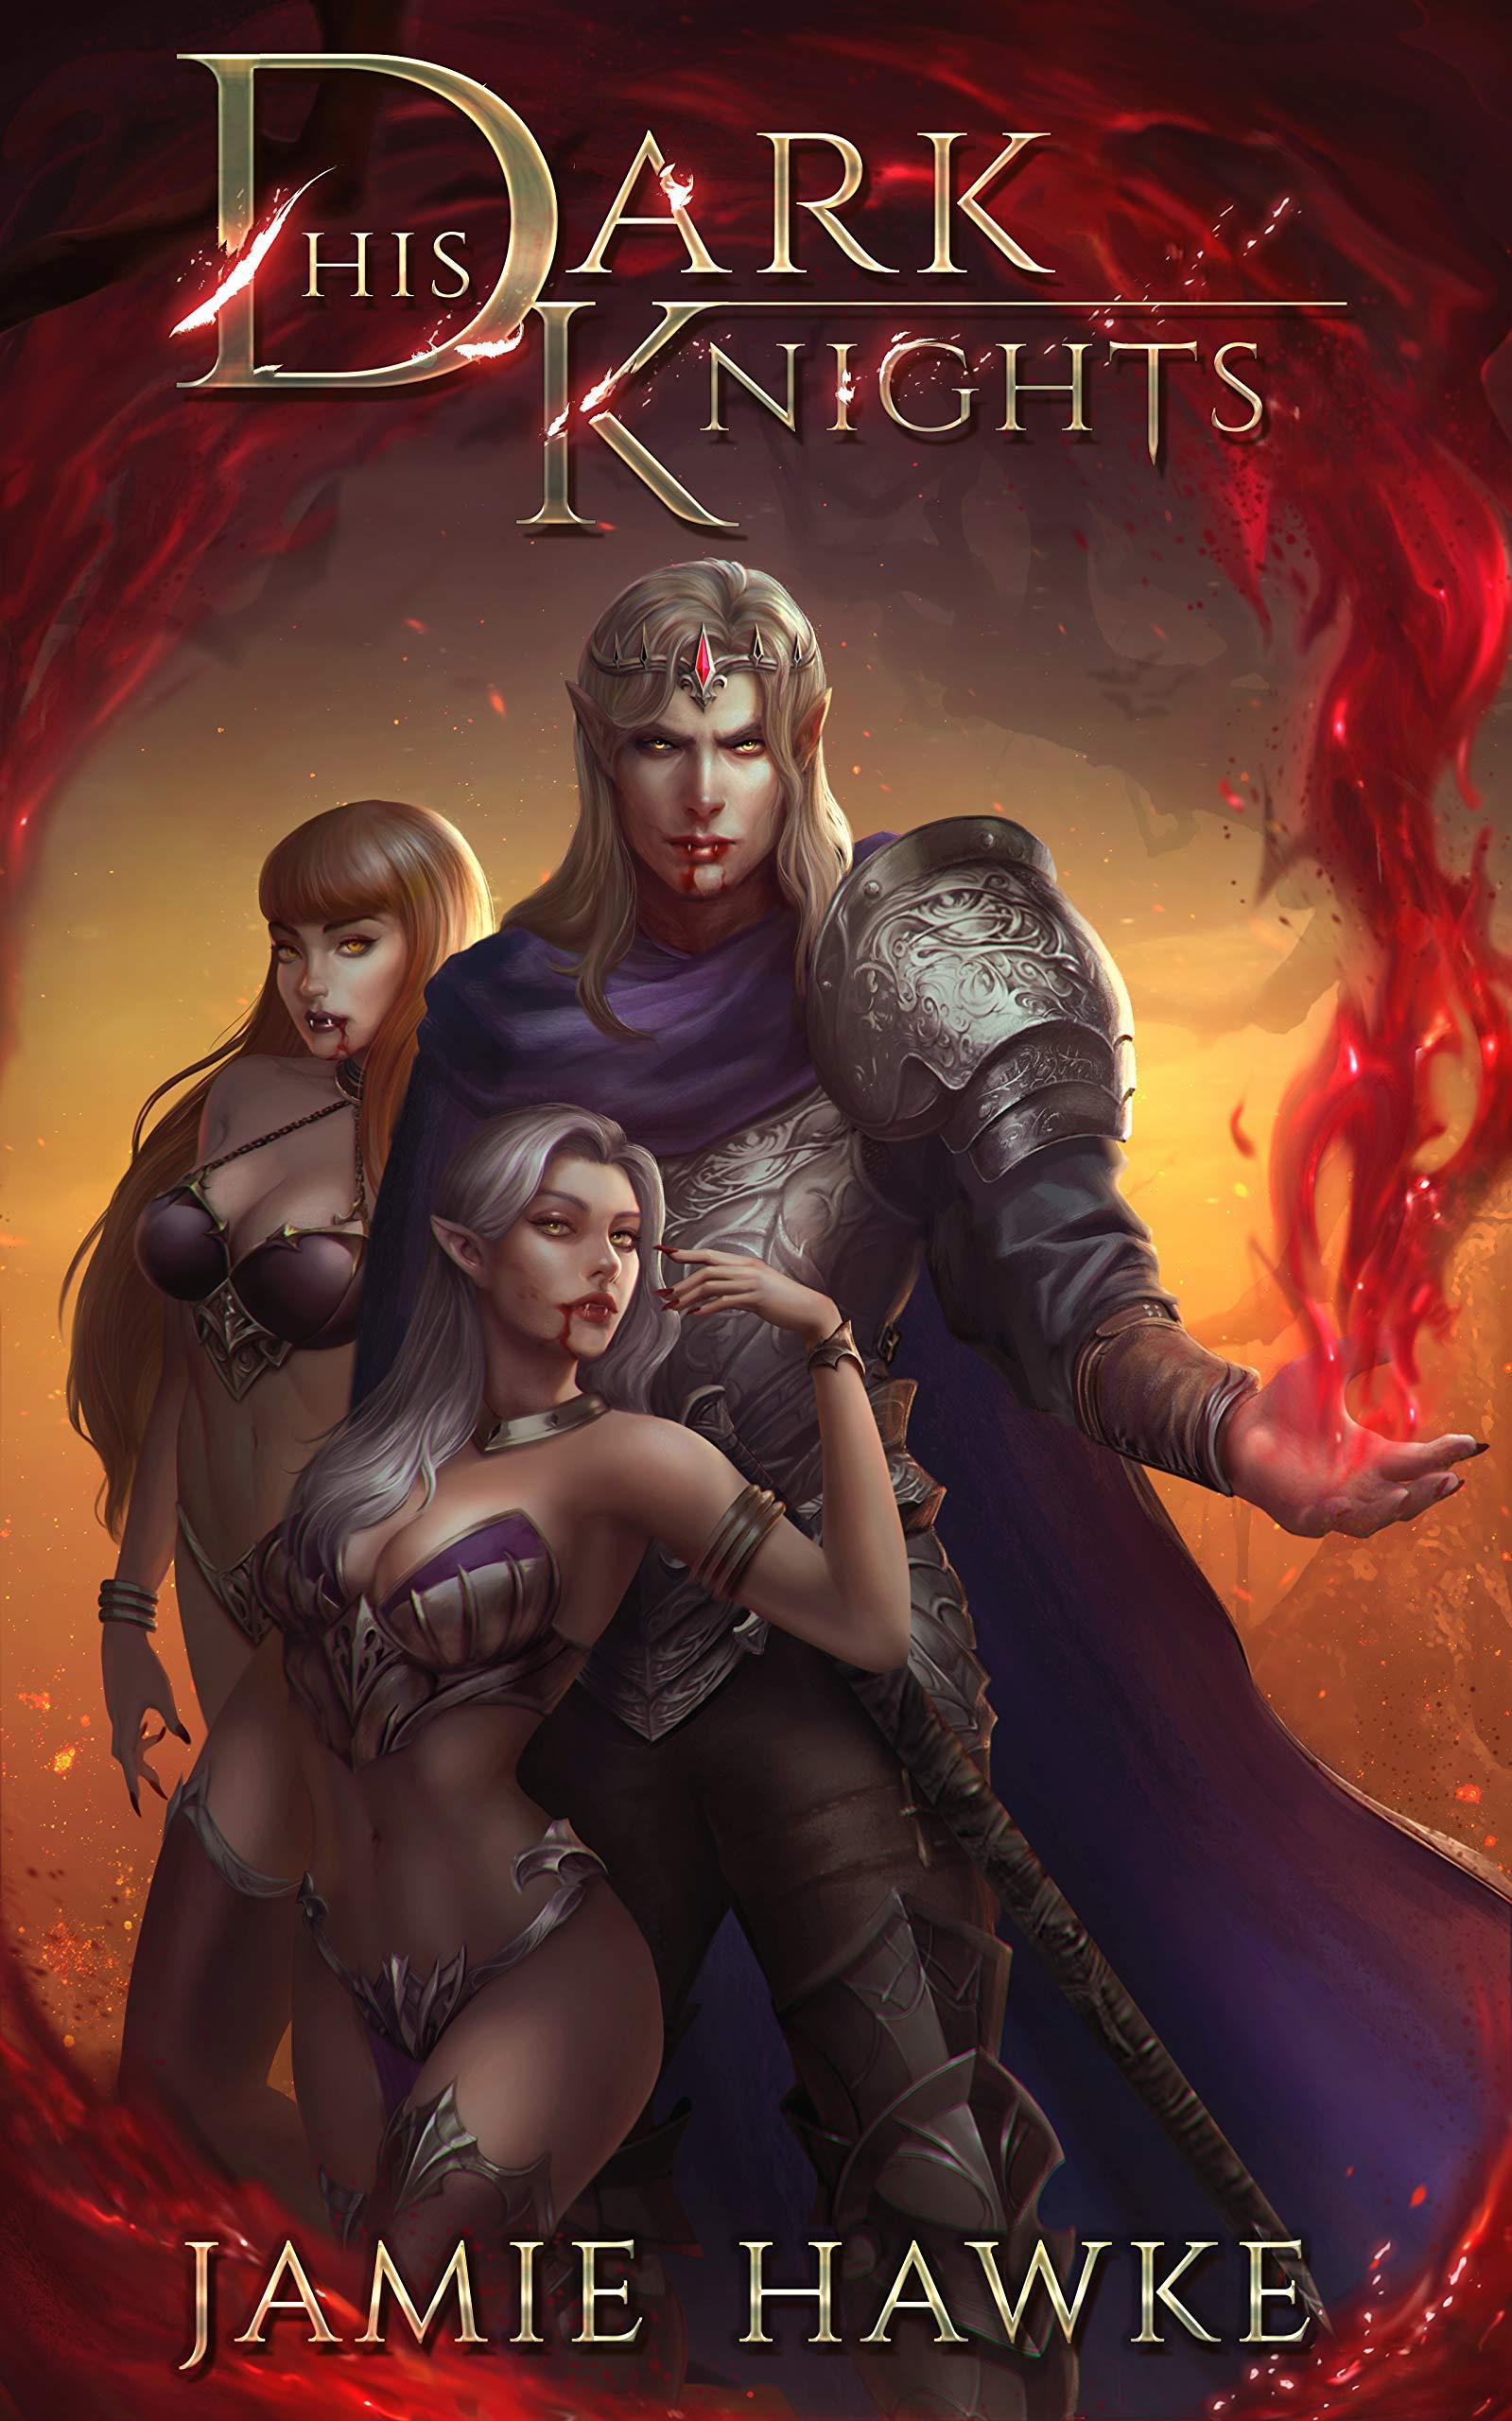 His Dark Knights: A Paranormal Fantasy Adventure